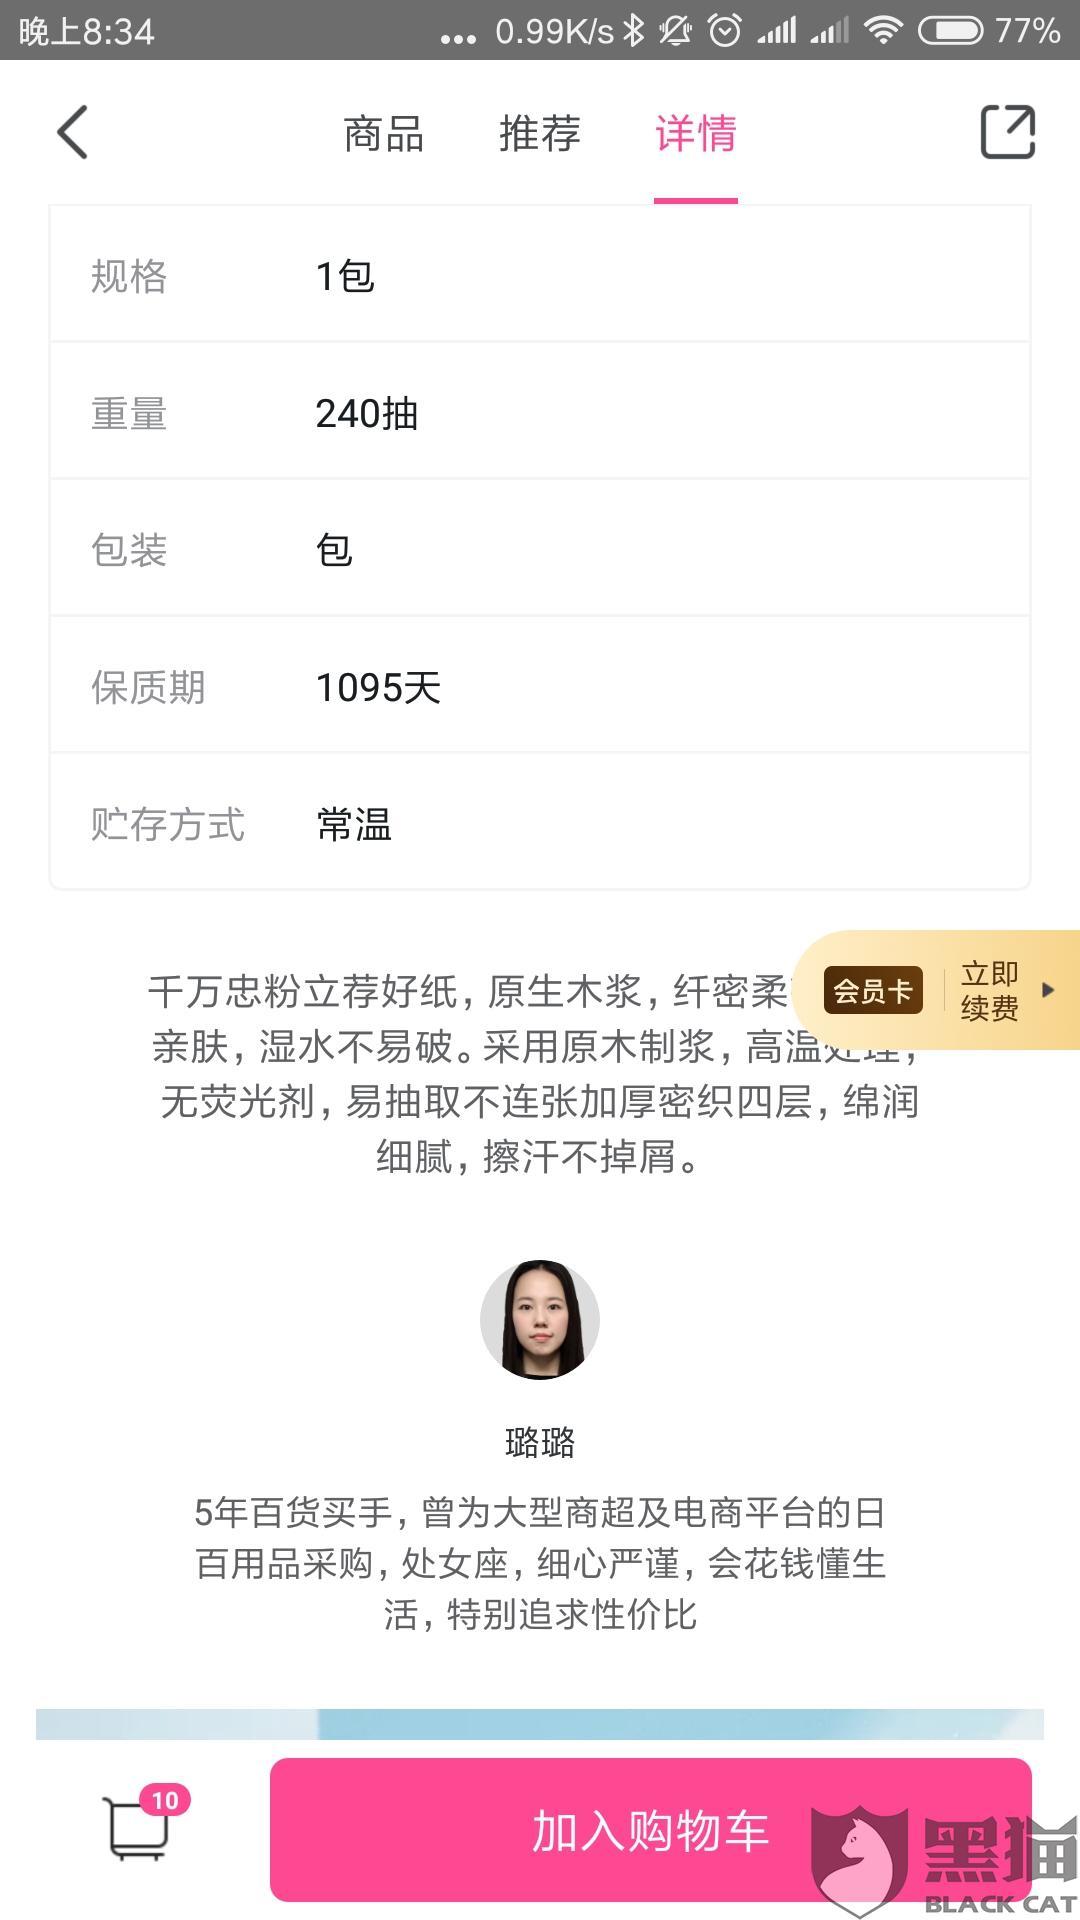 黑猫投诉:北京每日优鲜电子商务有限公司无锡第一分公司用时7天解决了消费者投诉